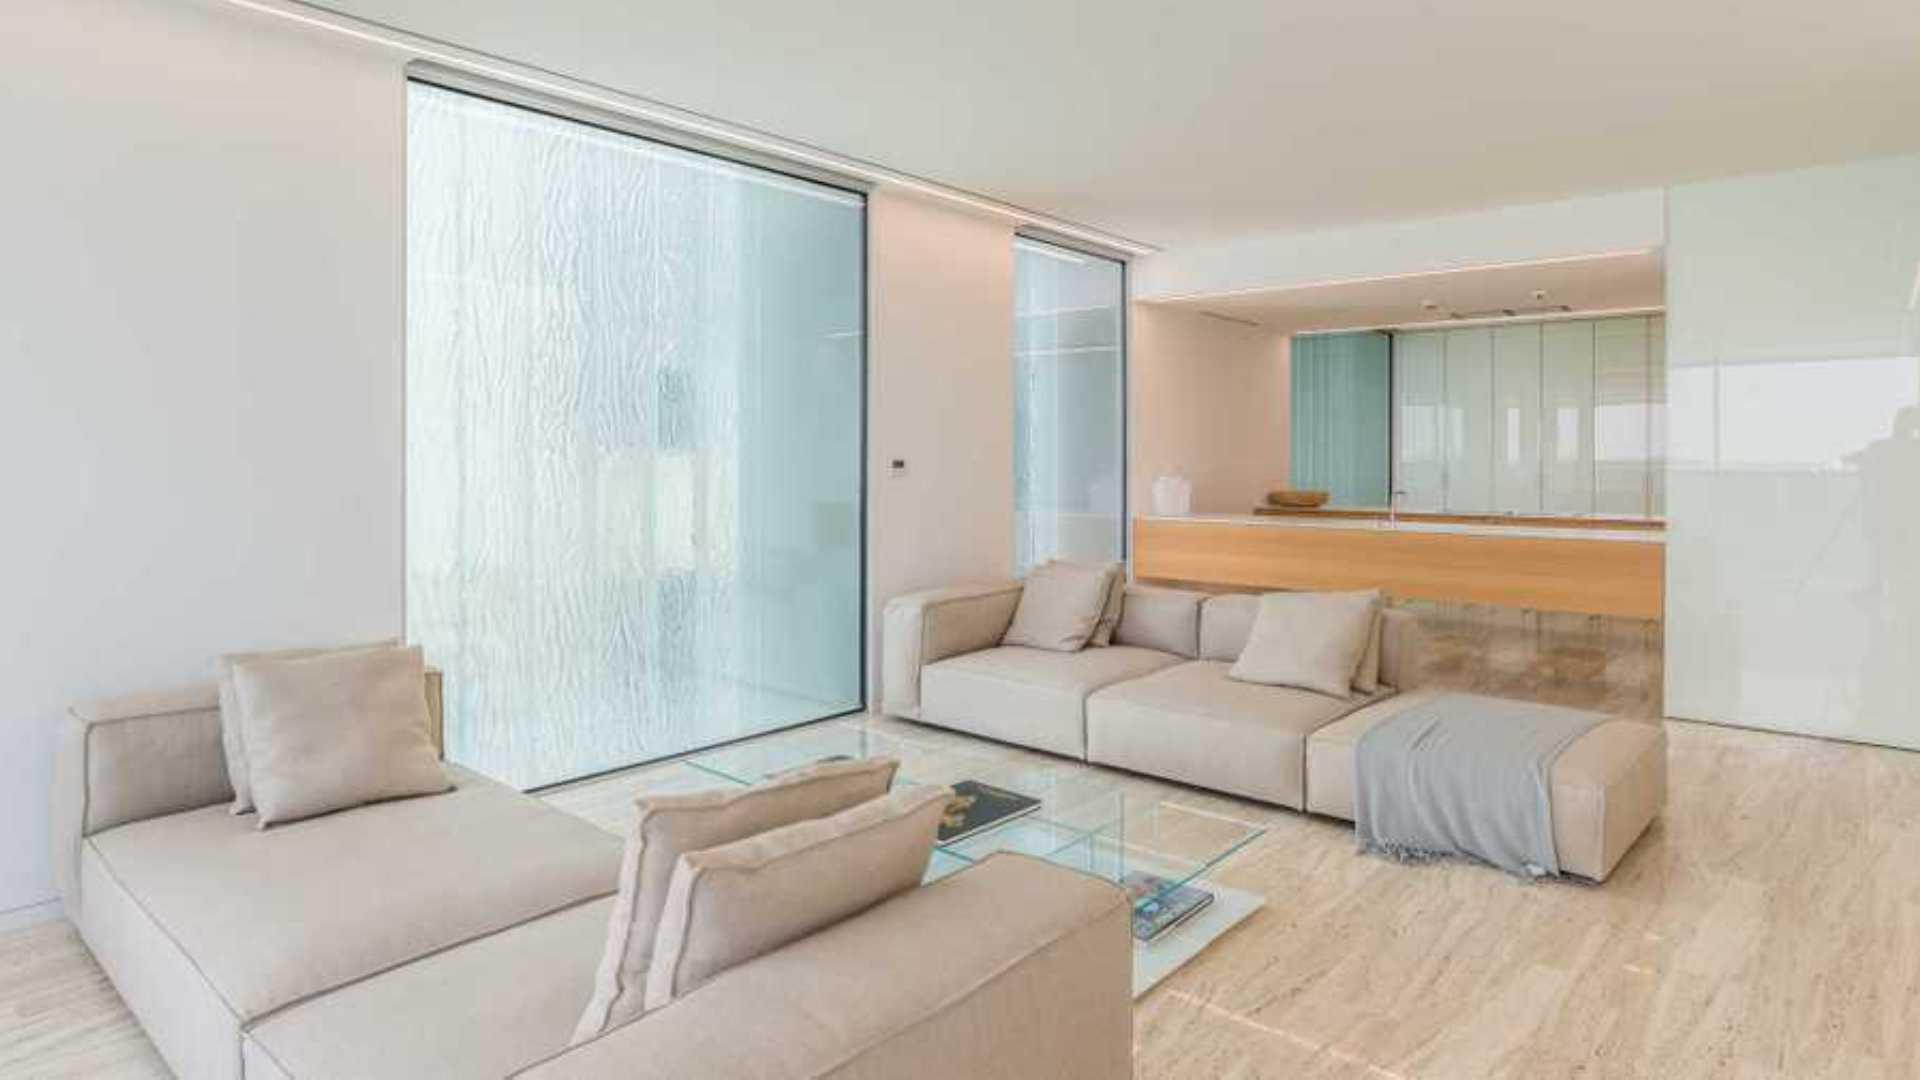 Ático en venta en Dubai, EAU, 5 dormitorios, 673 m2, № 24477 – foto 1